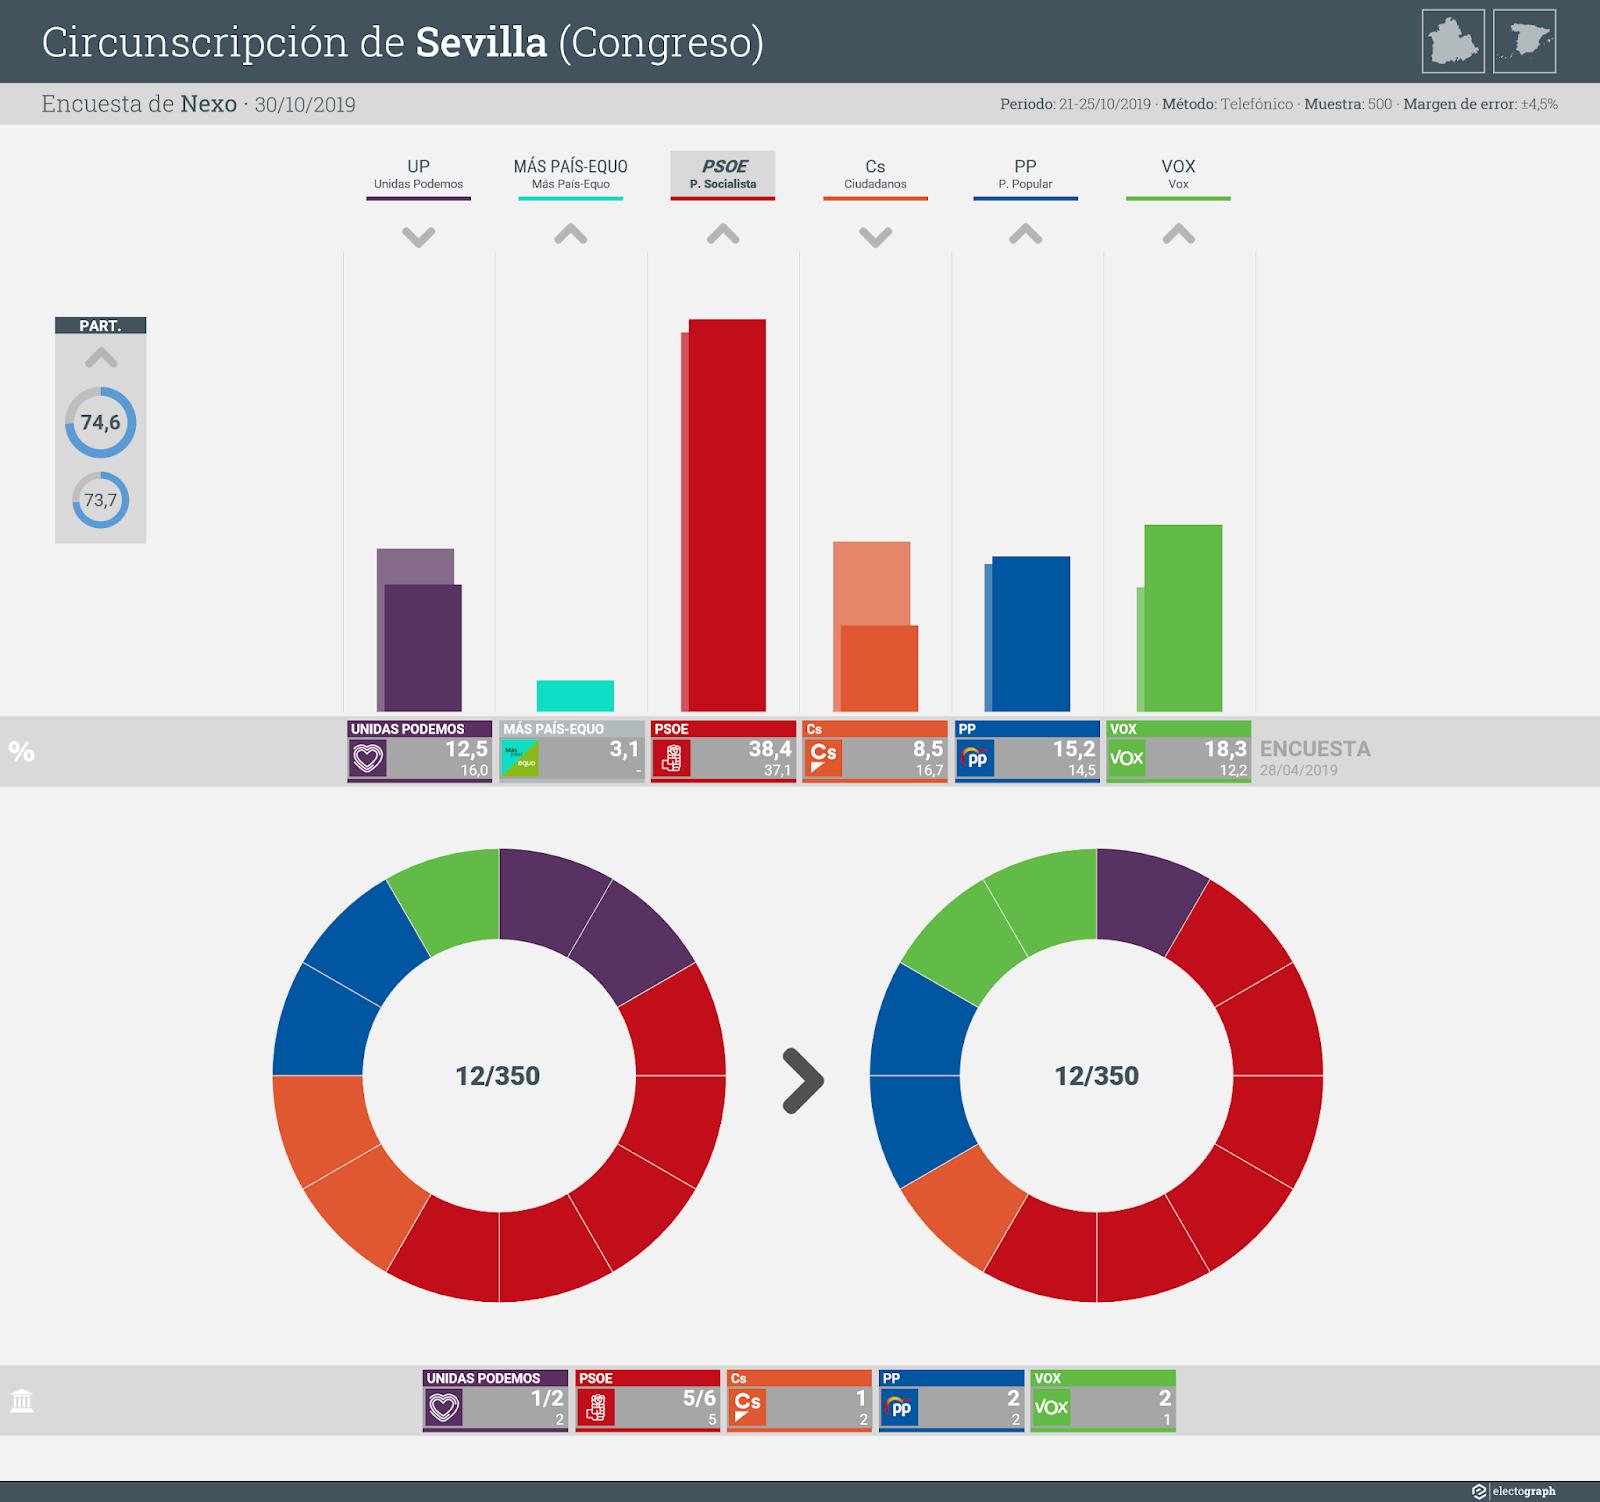 Gráfico de la encuesta para elecciones generales en la circunscripción de Sevilla realizada por Nexo, 30 de octubre de 2019